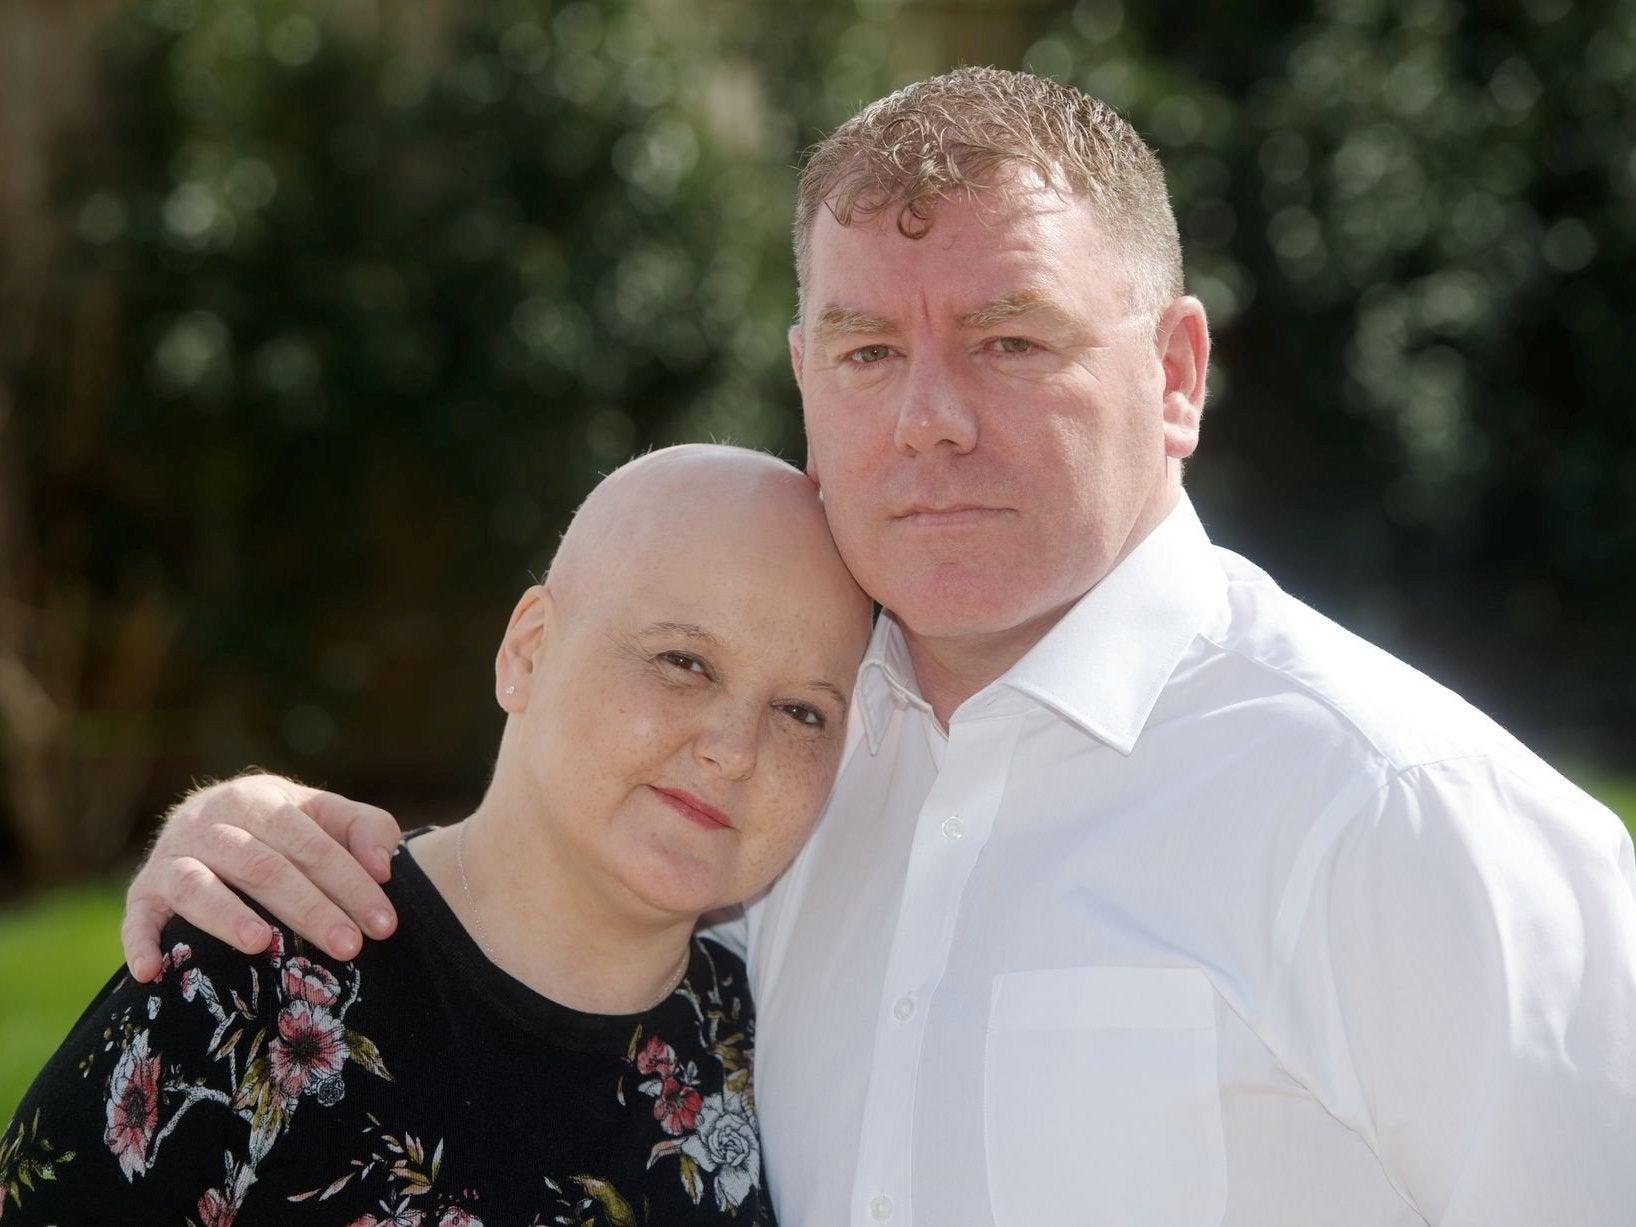 Nurse leaving message for NHS on death bed after cervical cancer